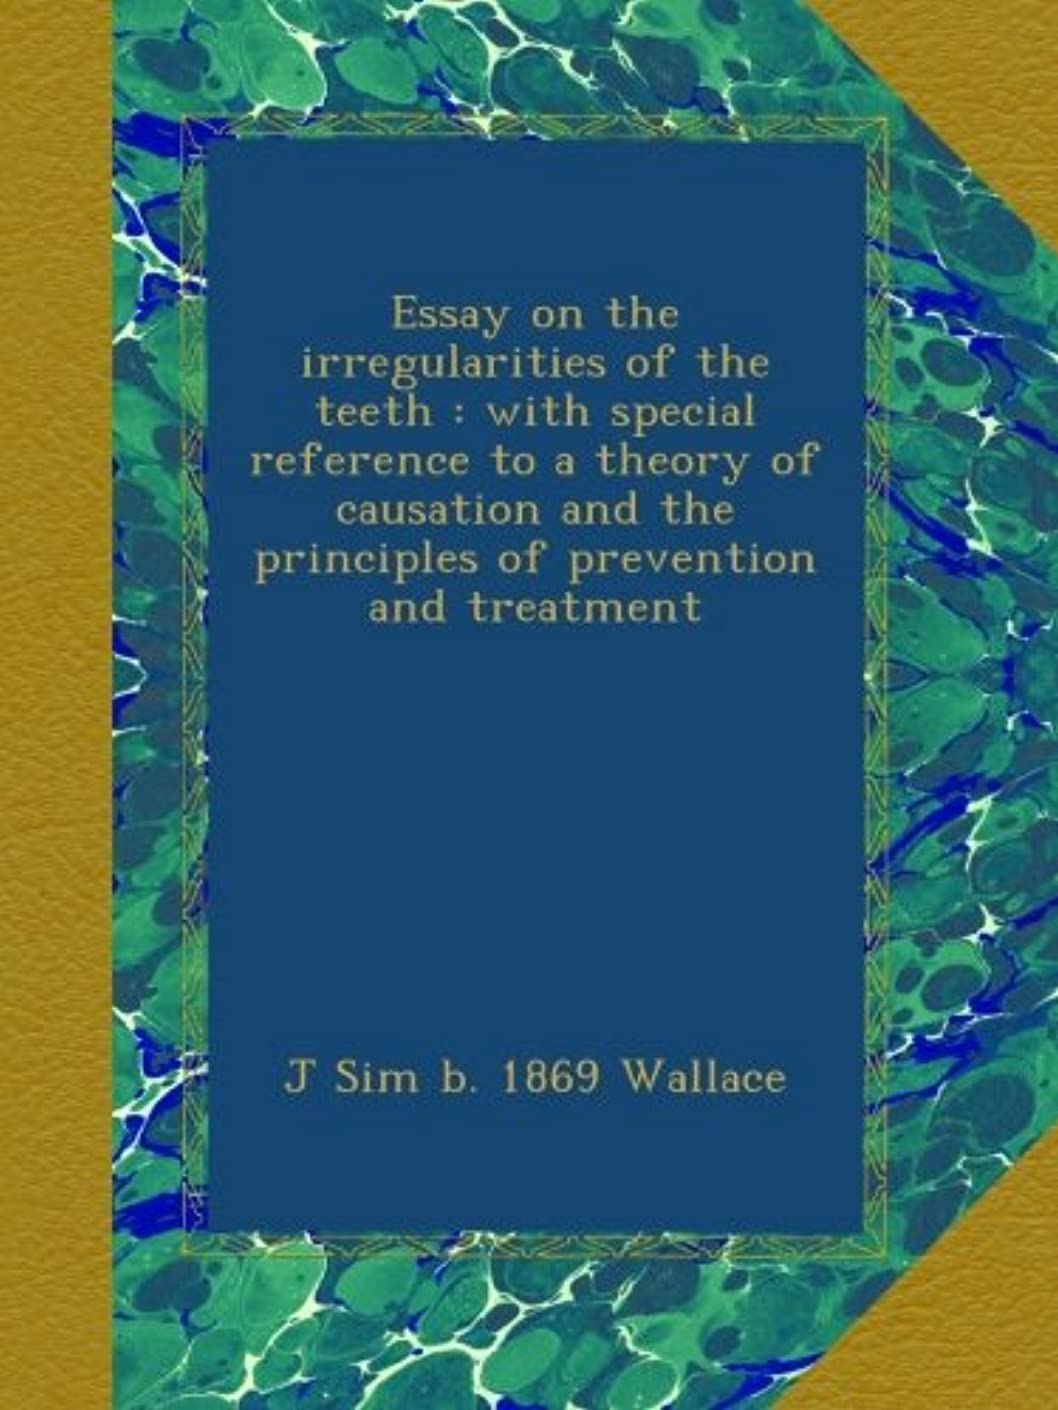 ブレースクレタ博覧会Essay on the irregularities of the teeth : with special reference to a theory of causation and the principles of prevention and treatment